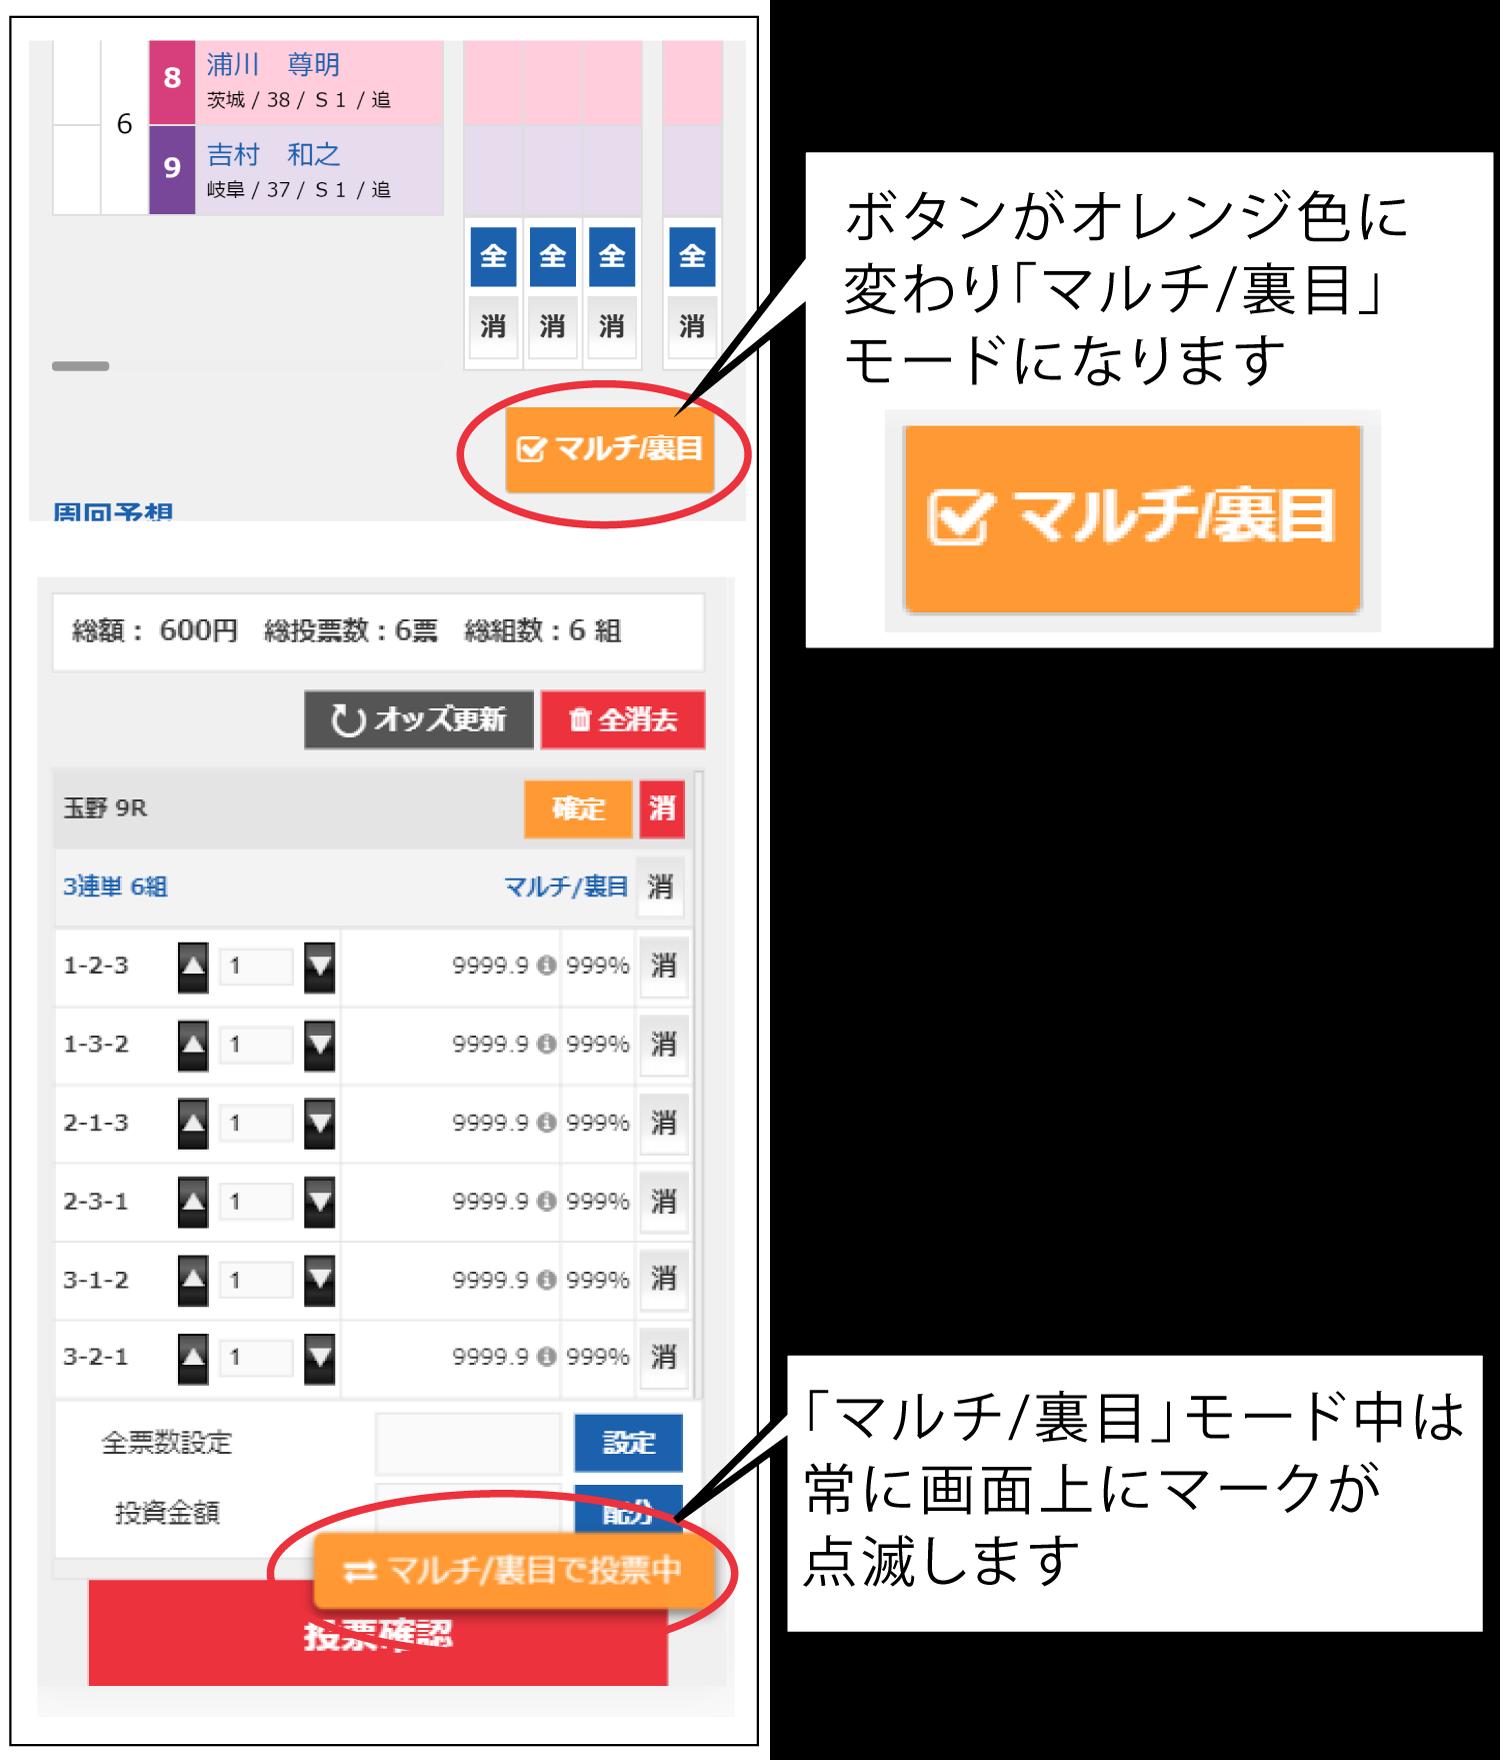 マルチ/裏目2